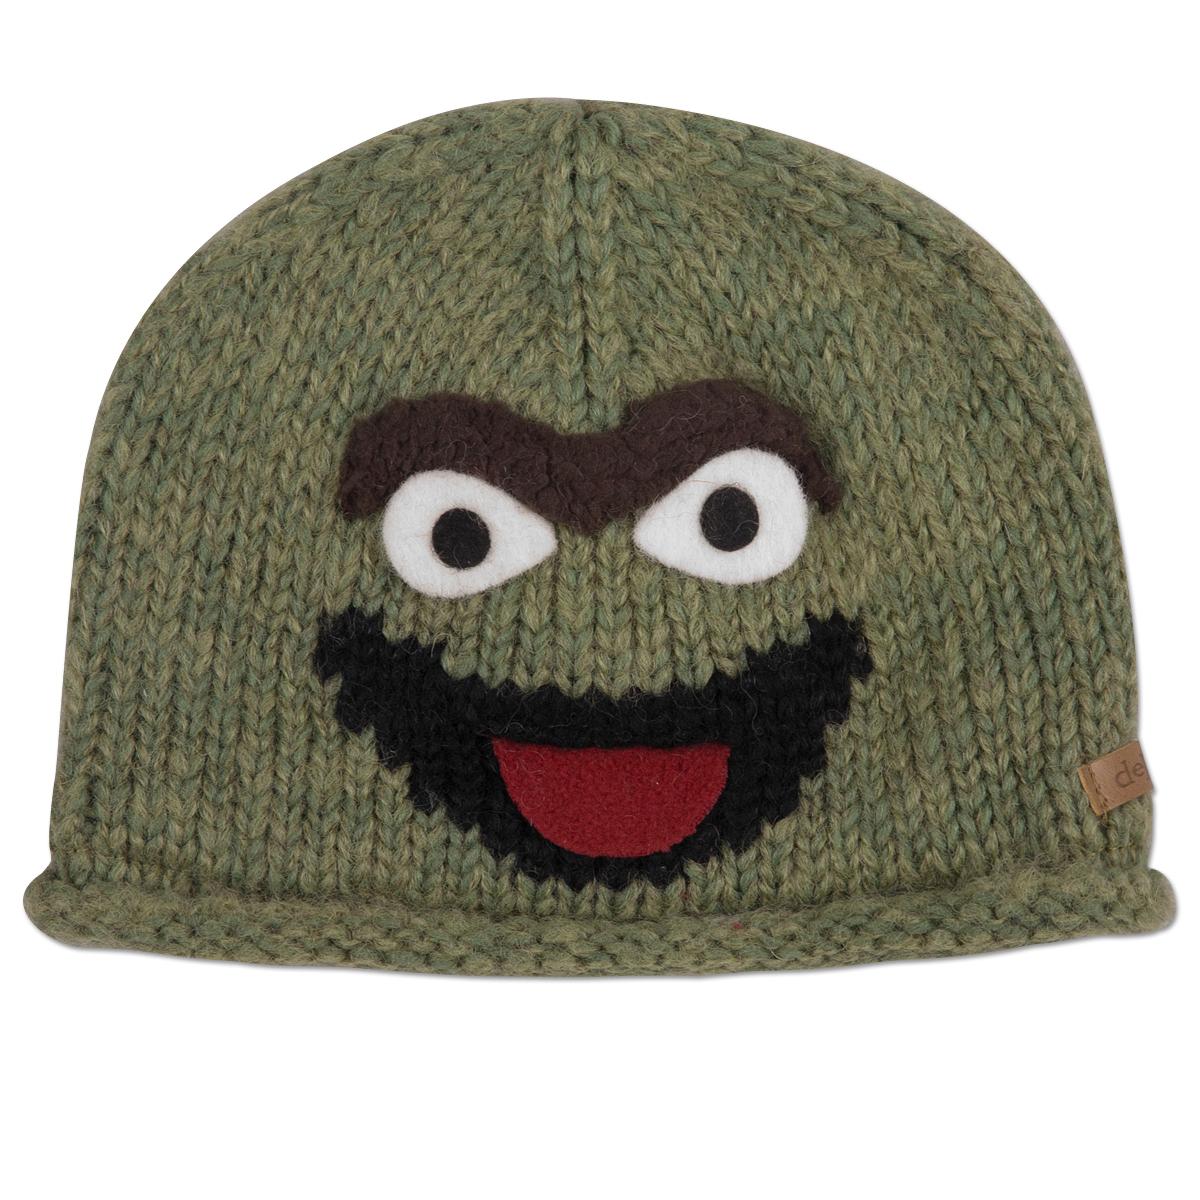 Oscar the Grouch Wool Toddler Beanie